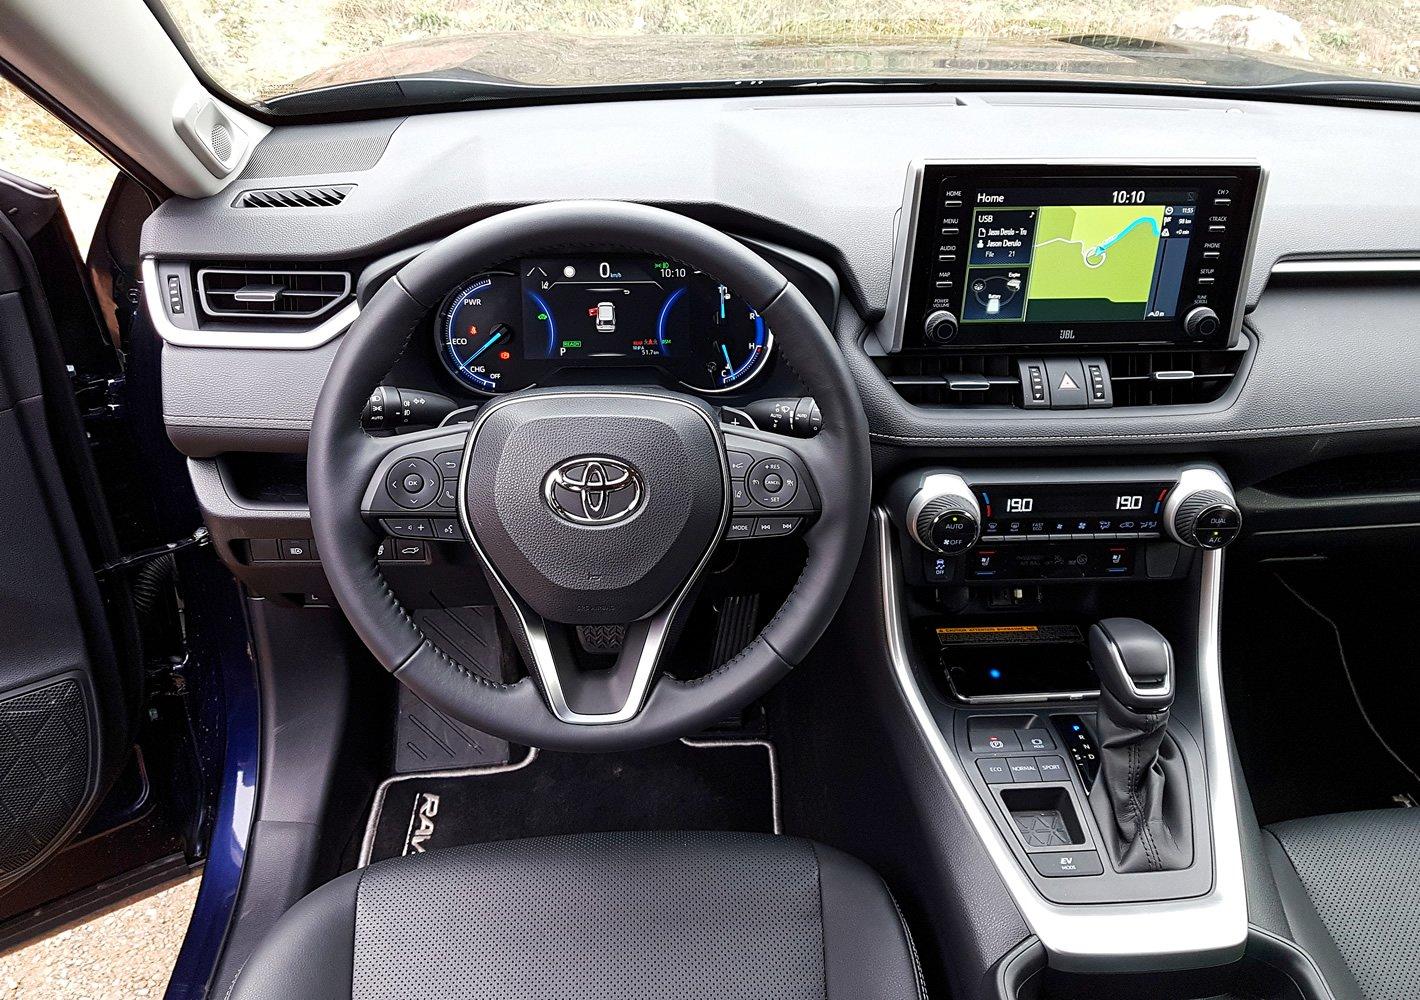 Toyota RAV4 Hybrid 2019 - kokpit